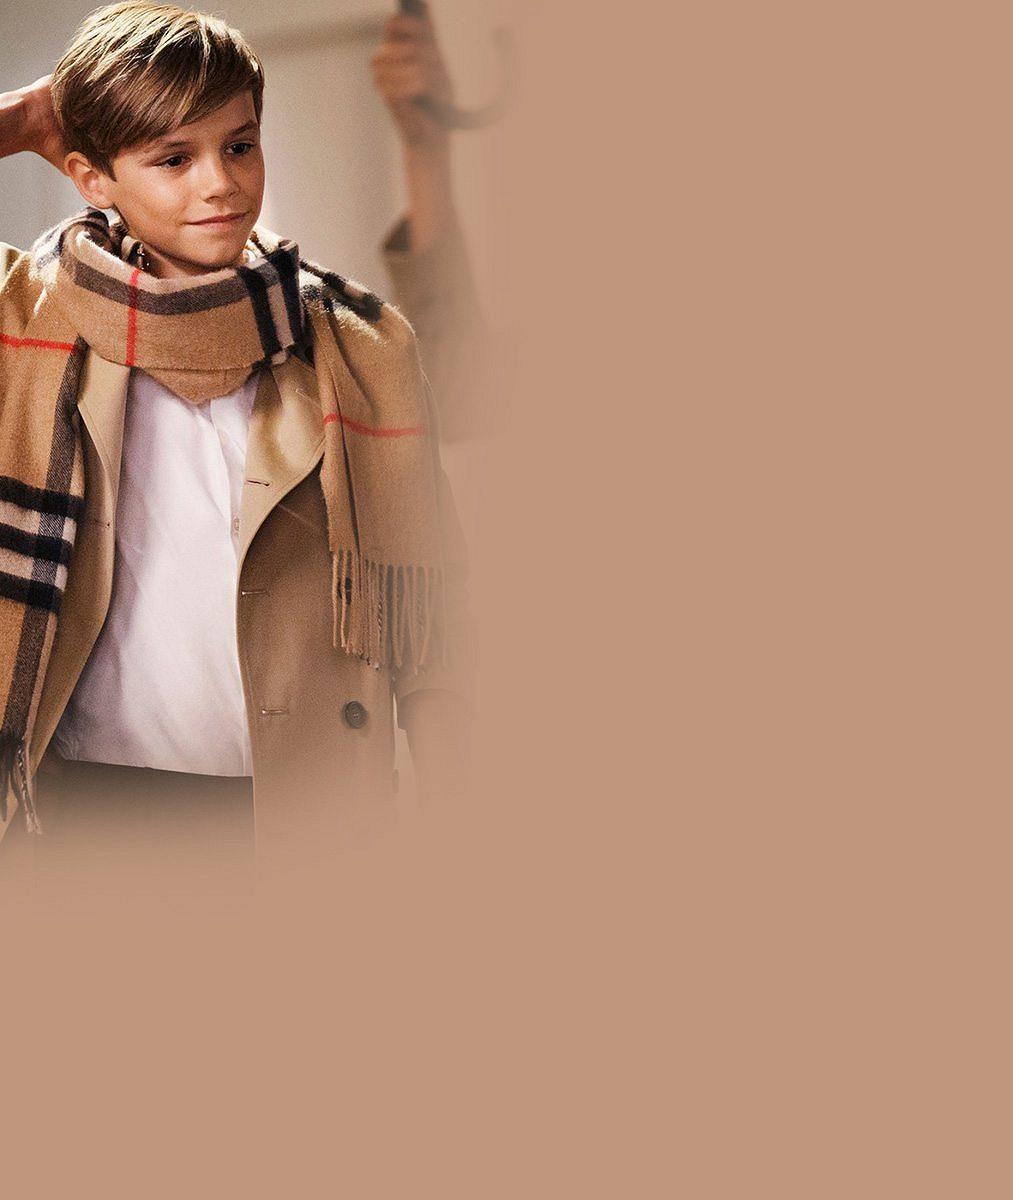 Nová hvězda Beckhamovy rodiny: Dvanáctiletý Romeo je v nové reklamě 'k sežrání'